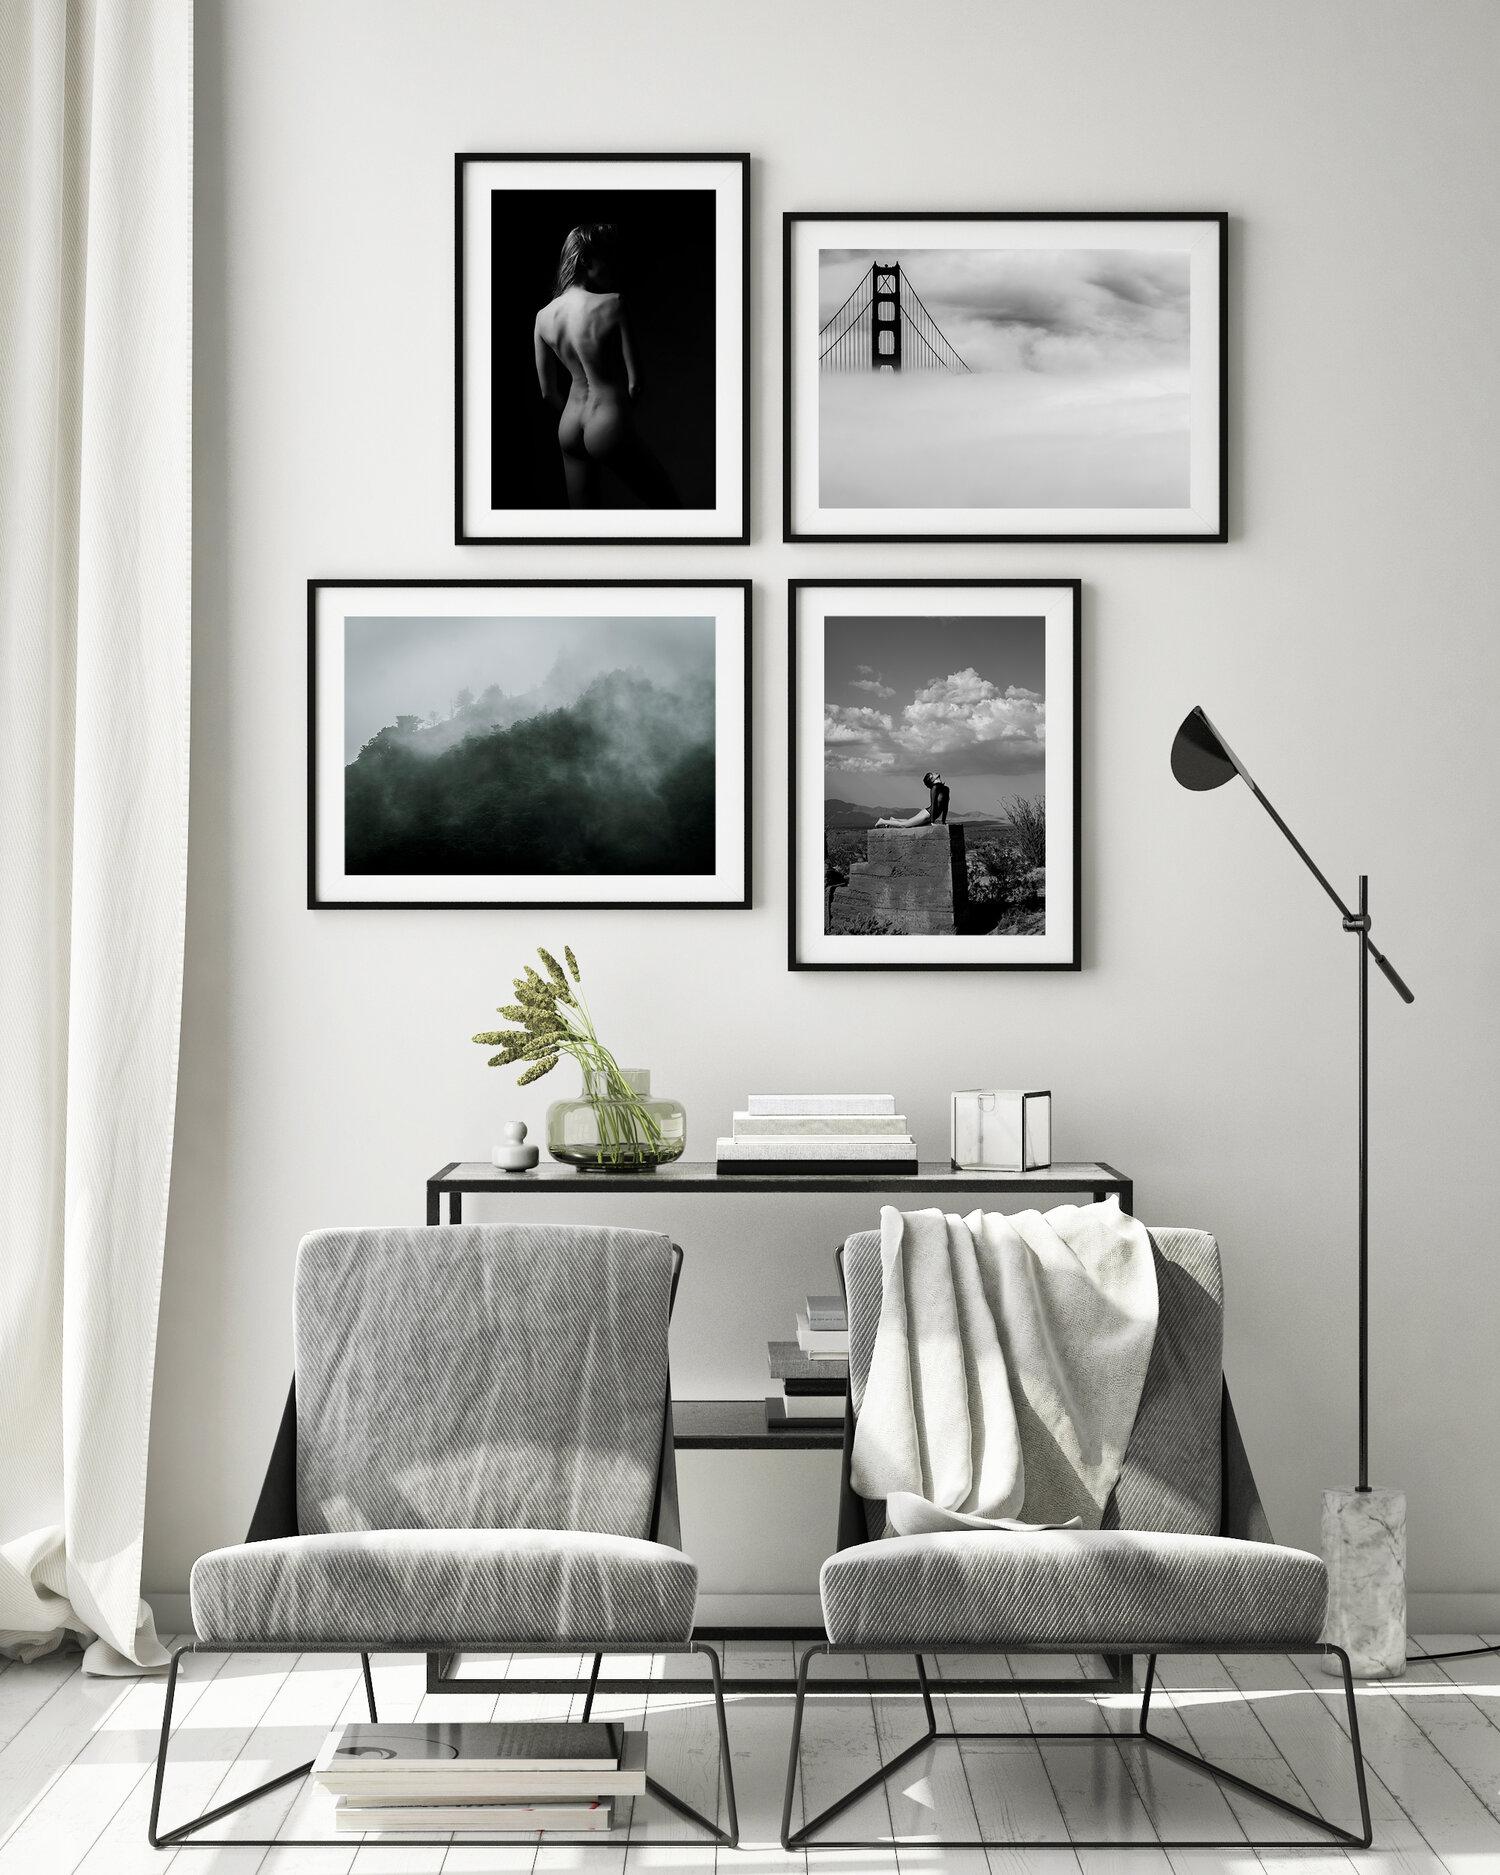 Buy fine art photography prints art prints — Maireann fine art prints for sale